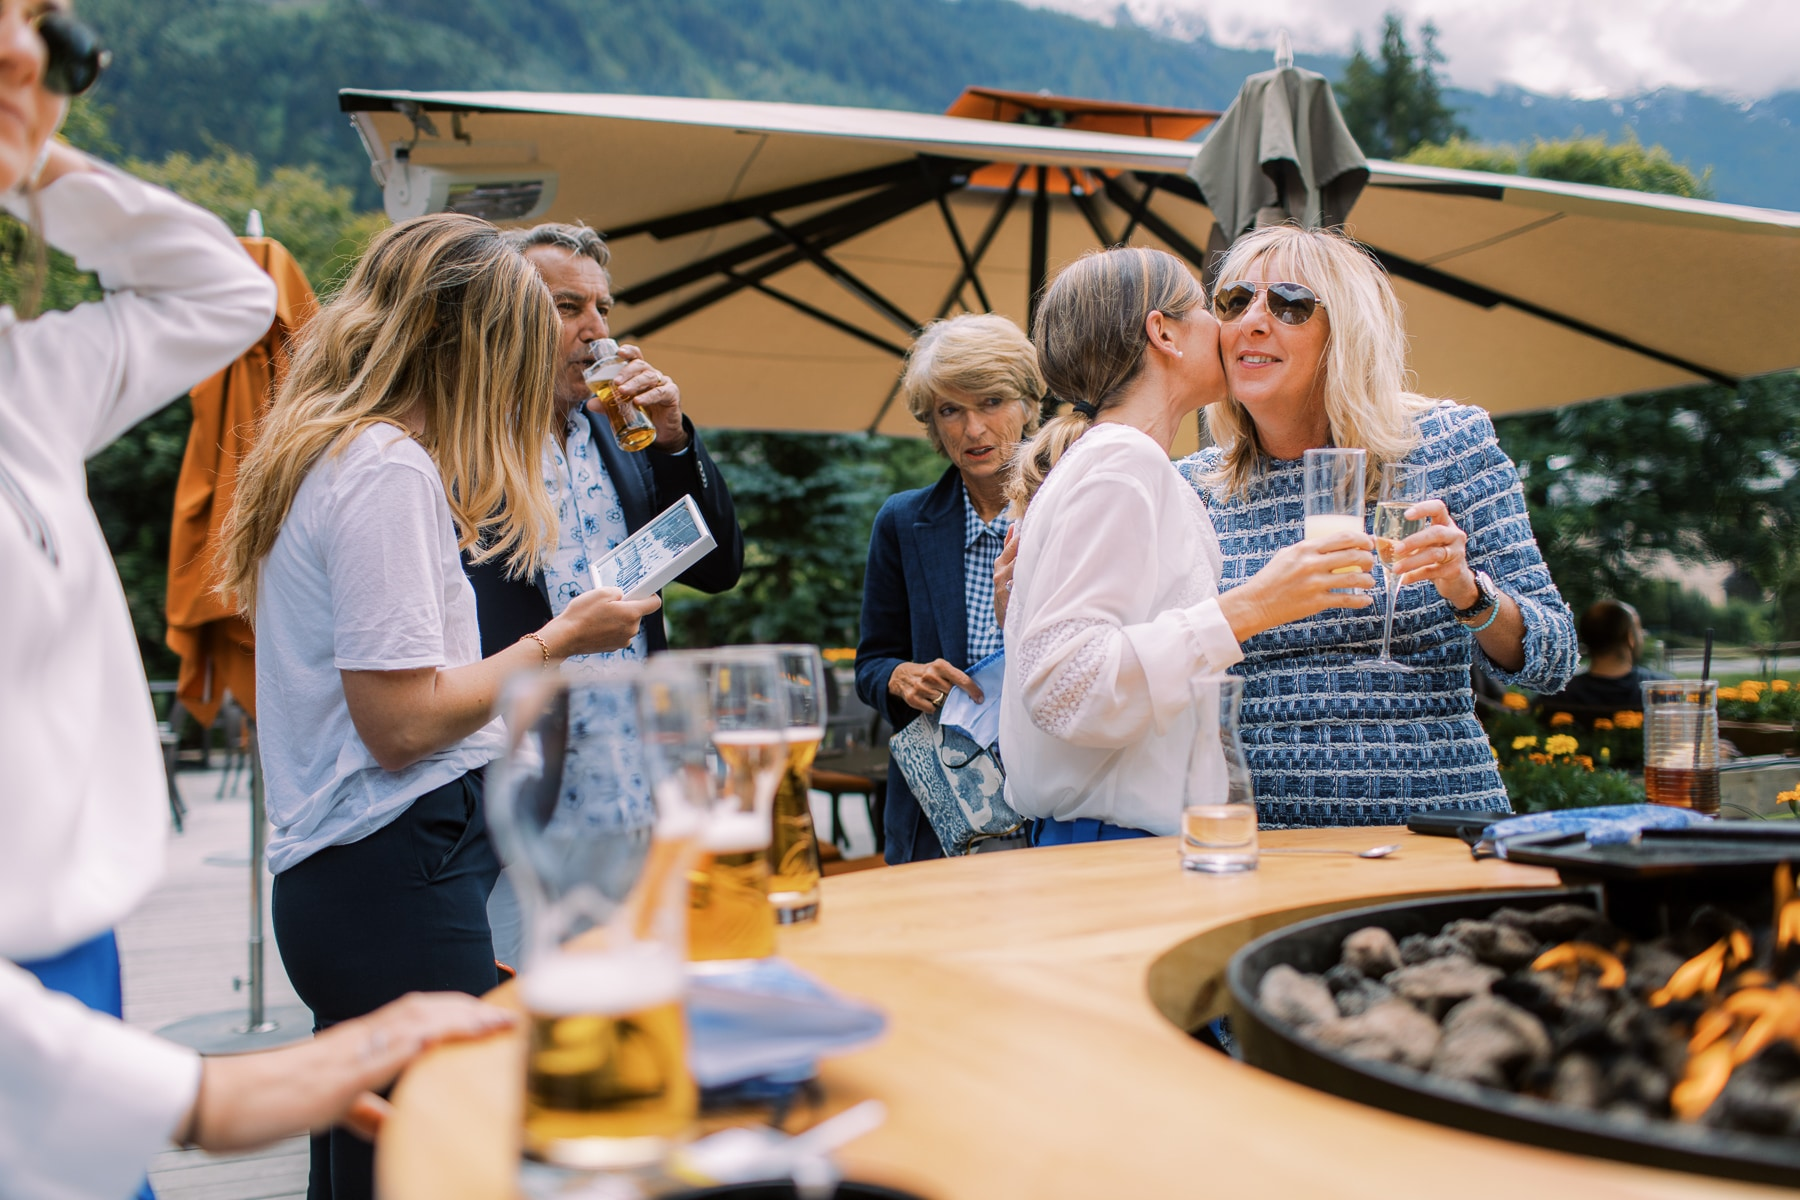 La Cabane des Praz, Chamonix, France Image de lieu de mariage | Les amis les plus proches des couples et les membres de la famille sirotent des cocktails